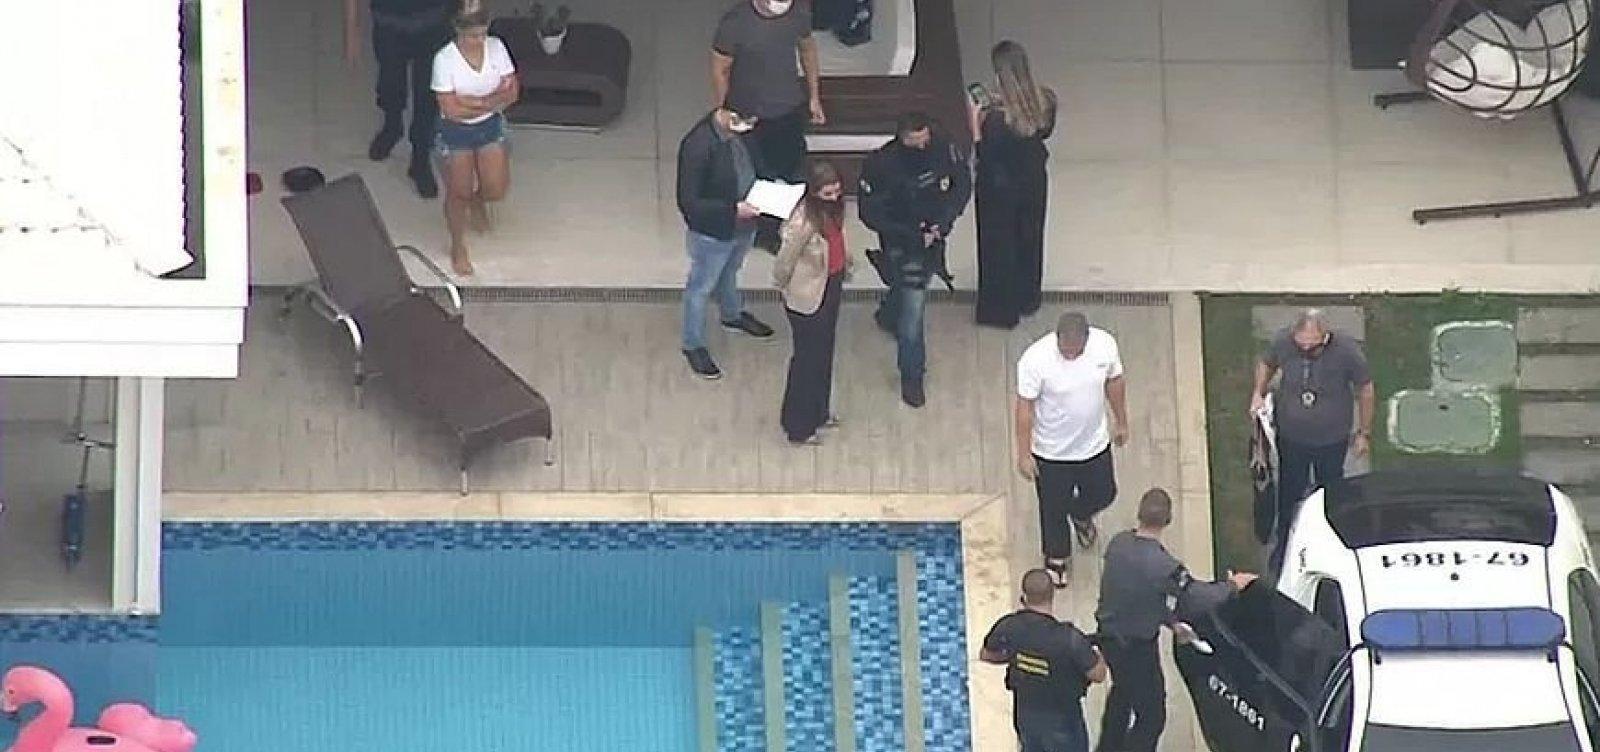 [Caso Marielle: bombeiro preso tem carros de luxo e apartamento avaliado em R$ 2 milhões no Rio]